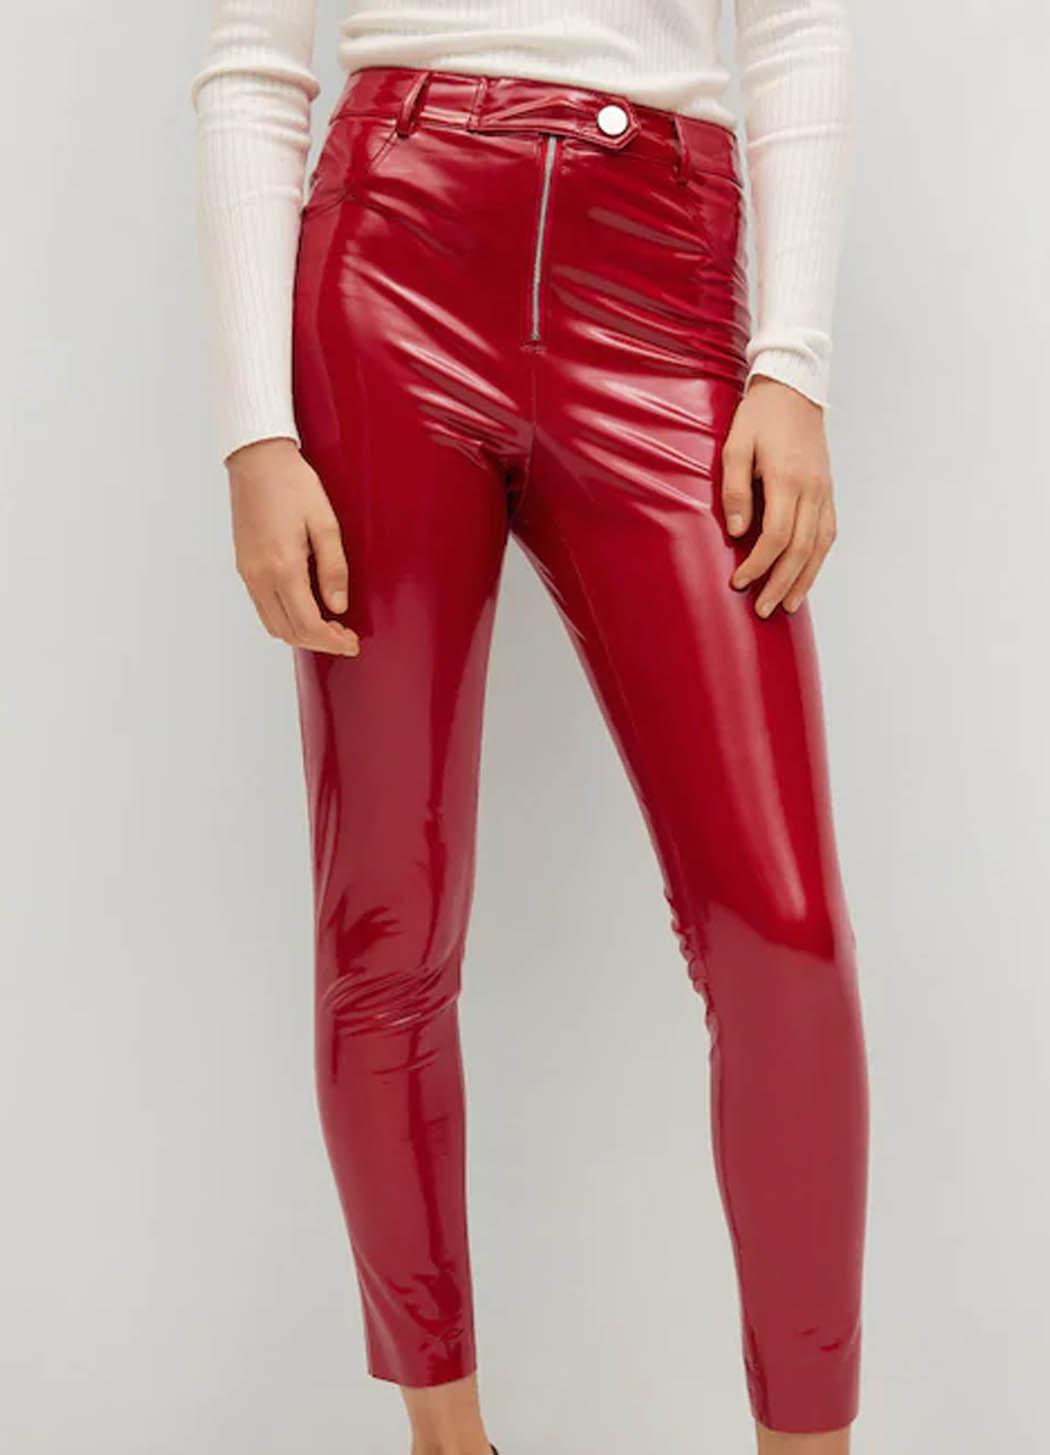 red vinyl leggings